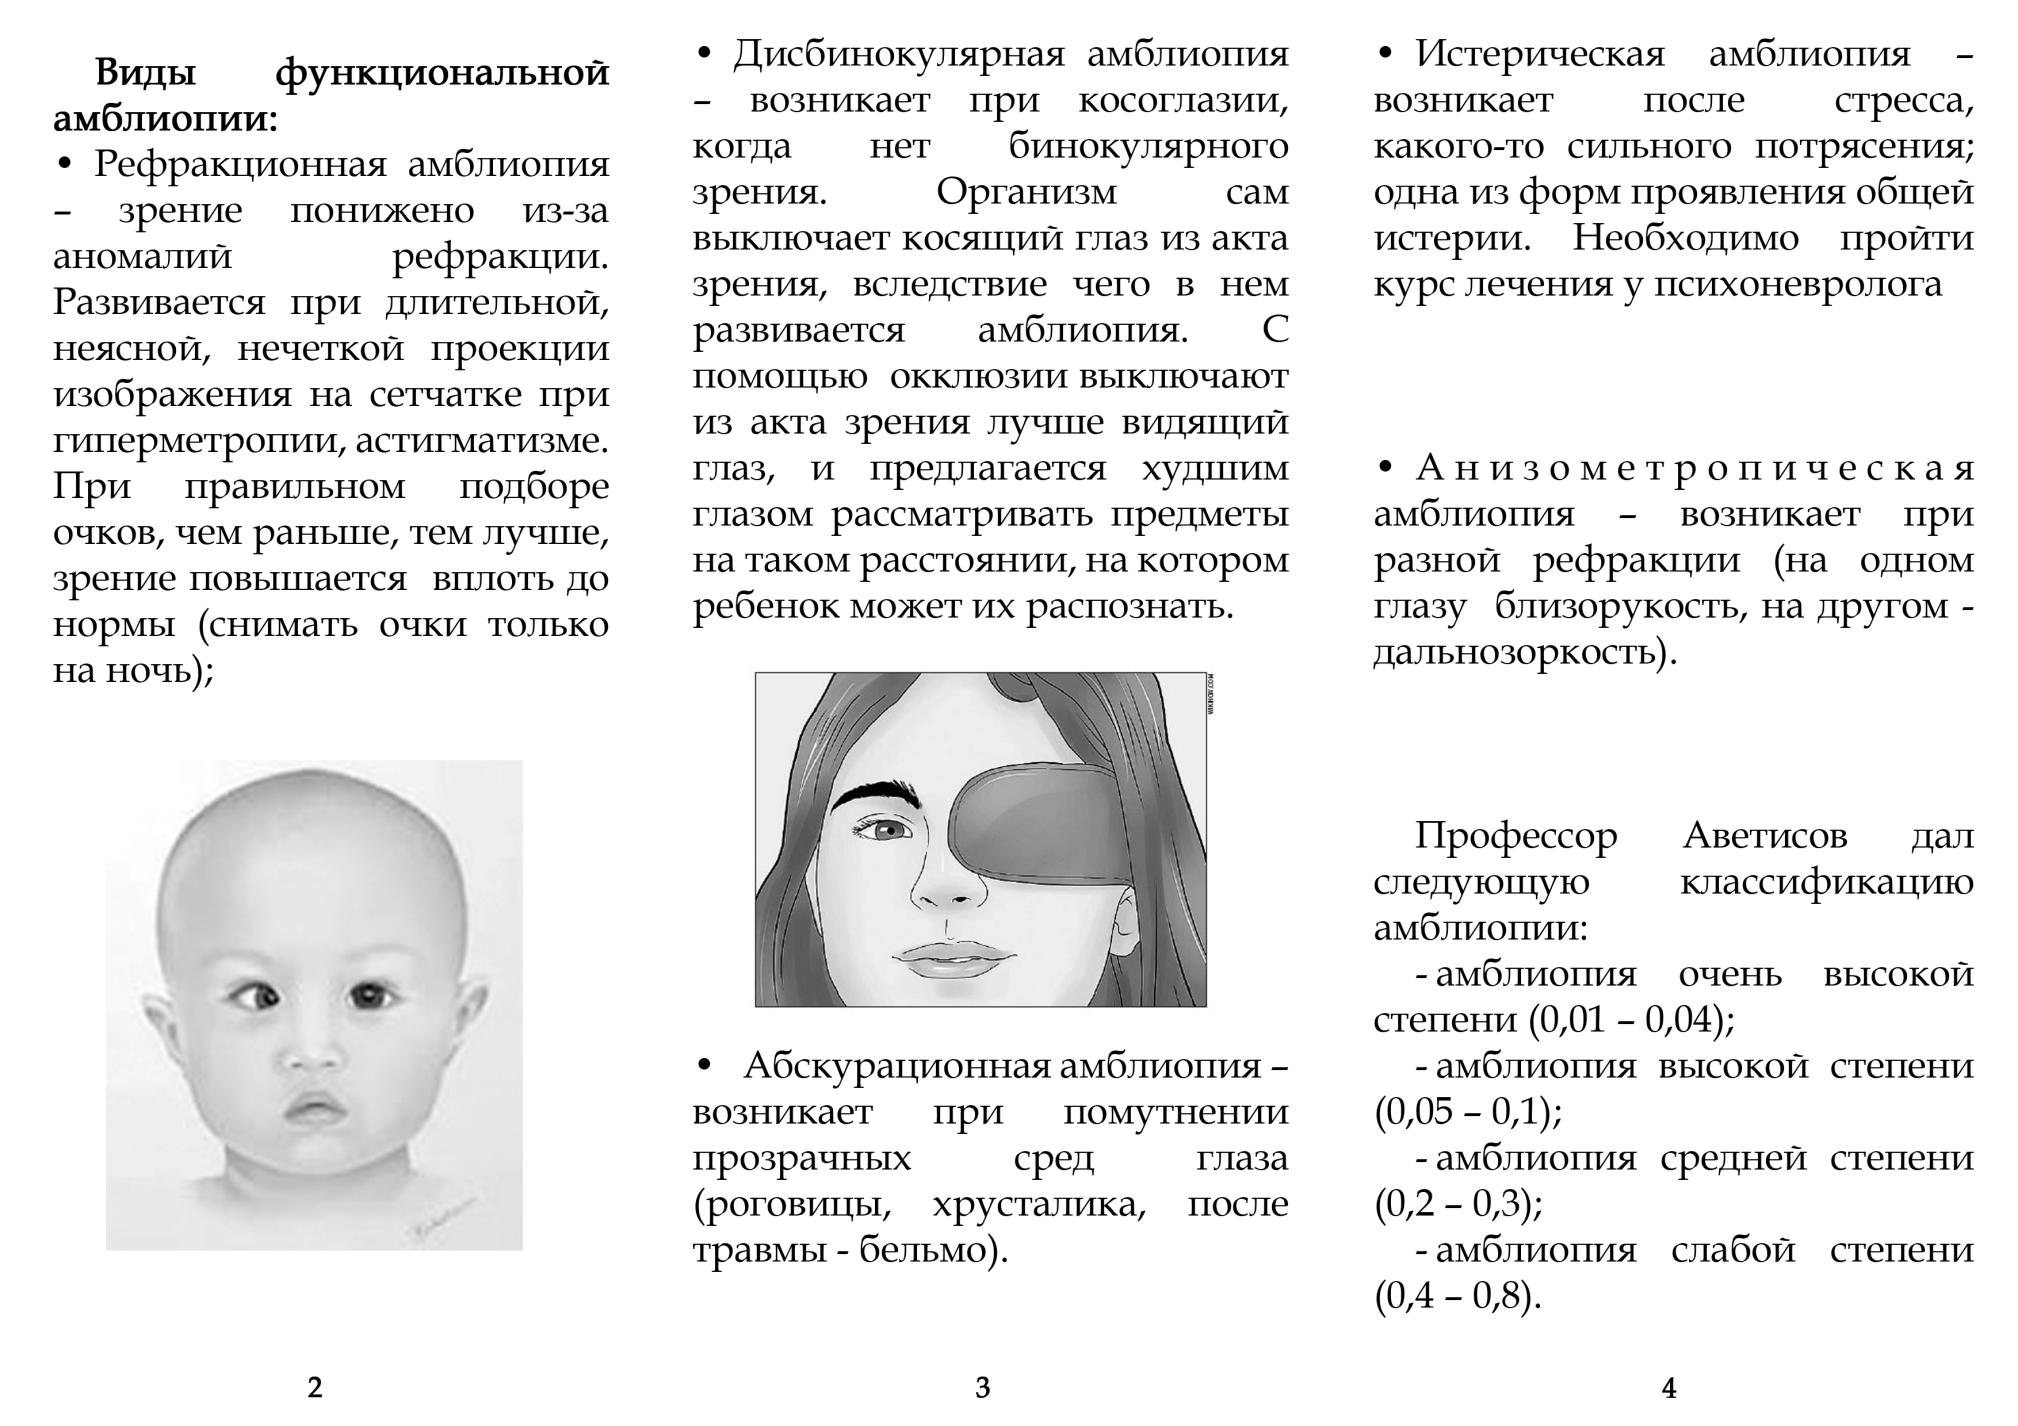 Амблиопия(синдром «ленивого глаза»)-виды, степени, профилактика от врача-офтальмолога курьяновой ирины валентиновны | офтальмология